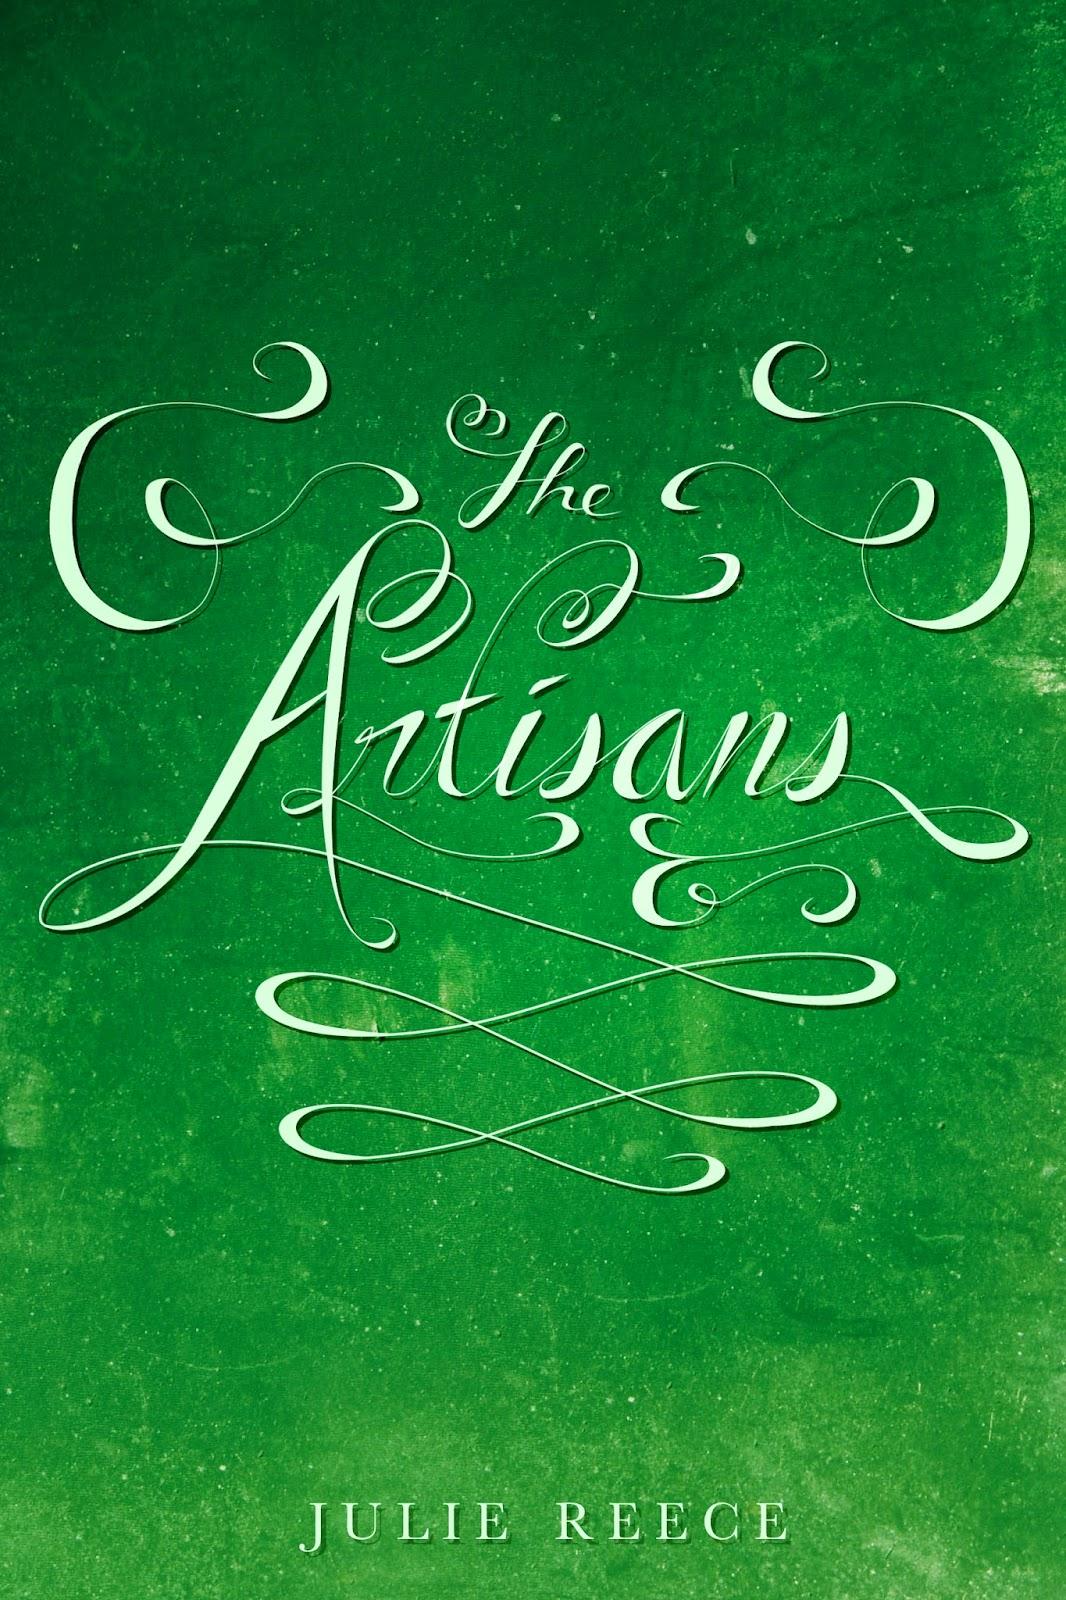 https://www.goodreads.com/book/show/21944665-the-artisans?ac=1